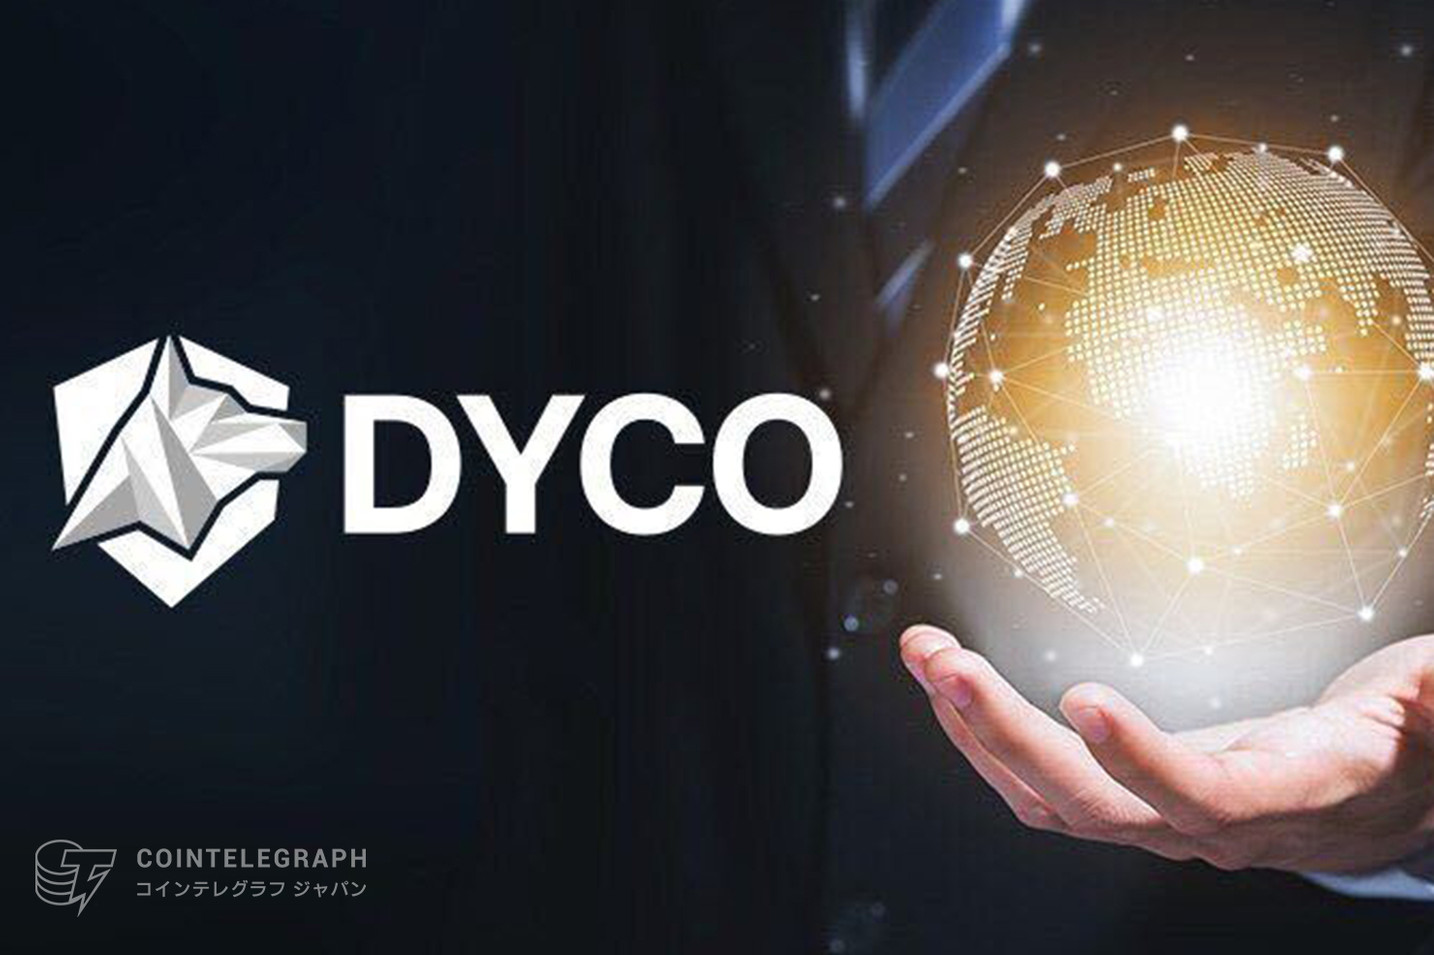 マネーバックでの最新イノベーション「DYCO」とは?